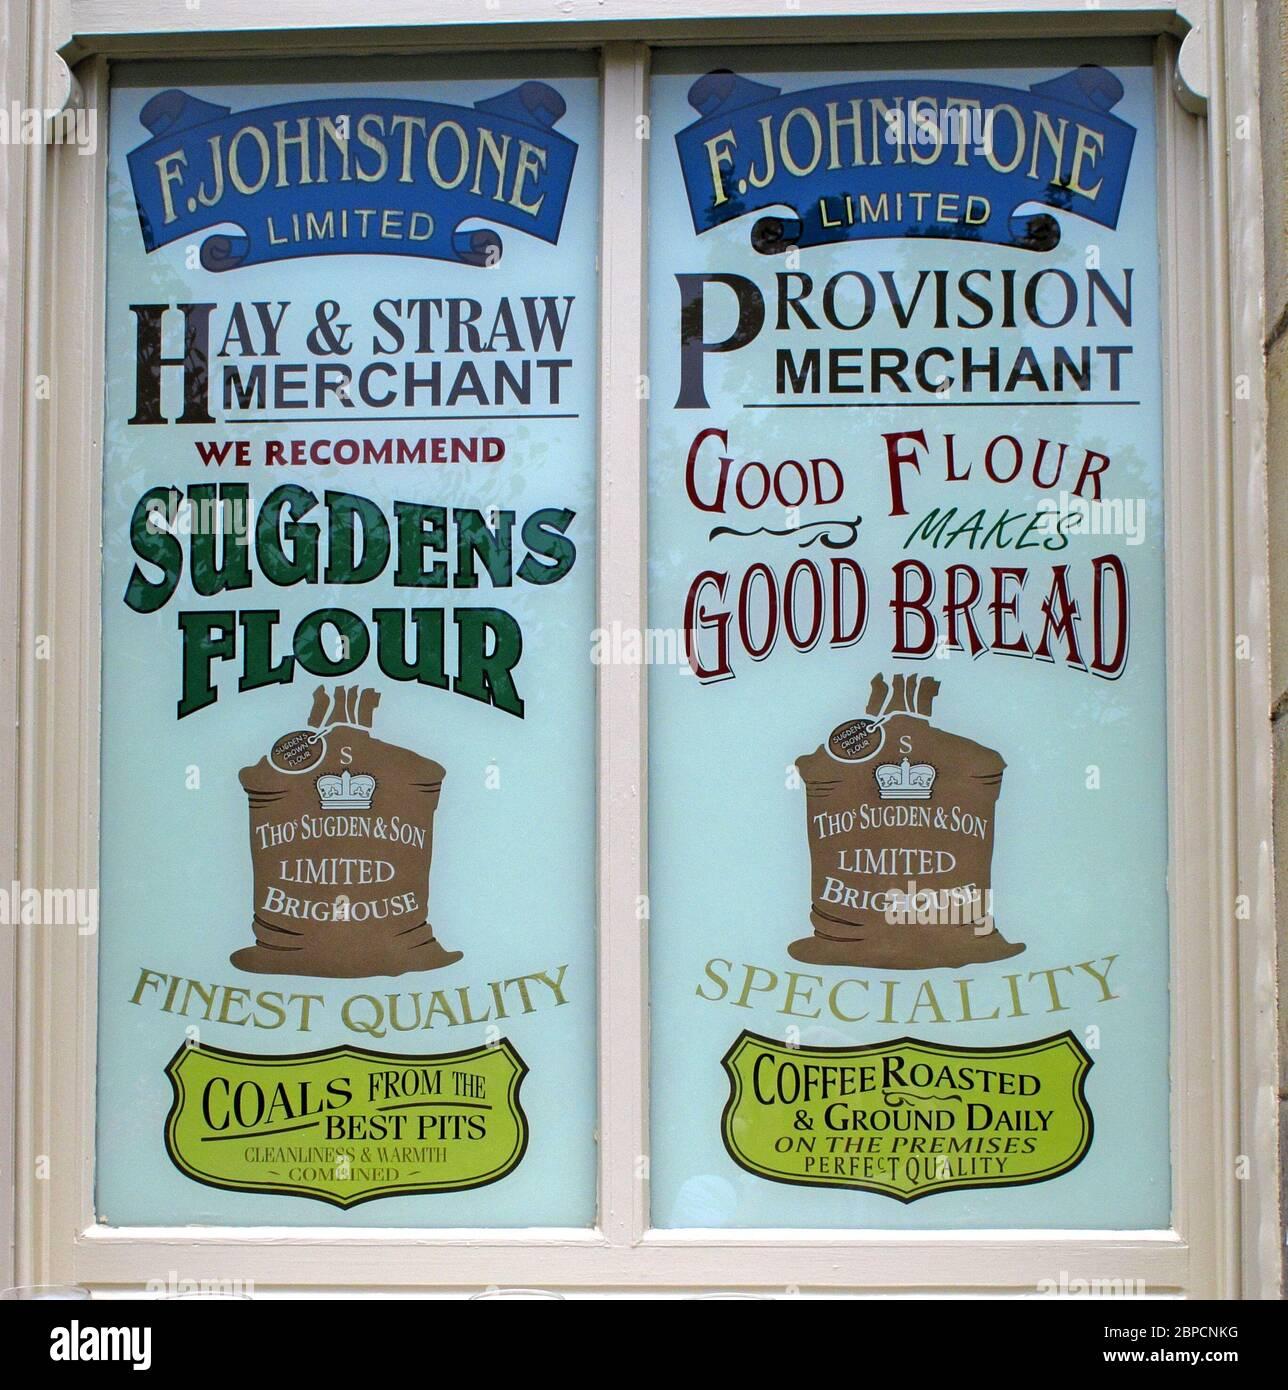 Dieses Stockfoto: F.Johnstone Limited, Hay und Stroh Händler, Bestimmungen, empfehlen Sugdens Mehl, Brighouse, Yorkshire, England, Großbritannien, Werbung - 2BPCNK